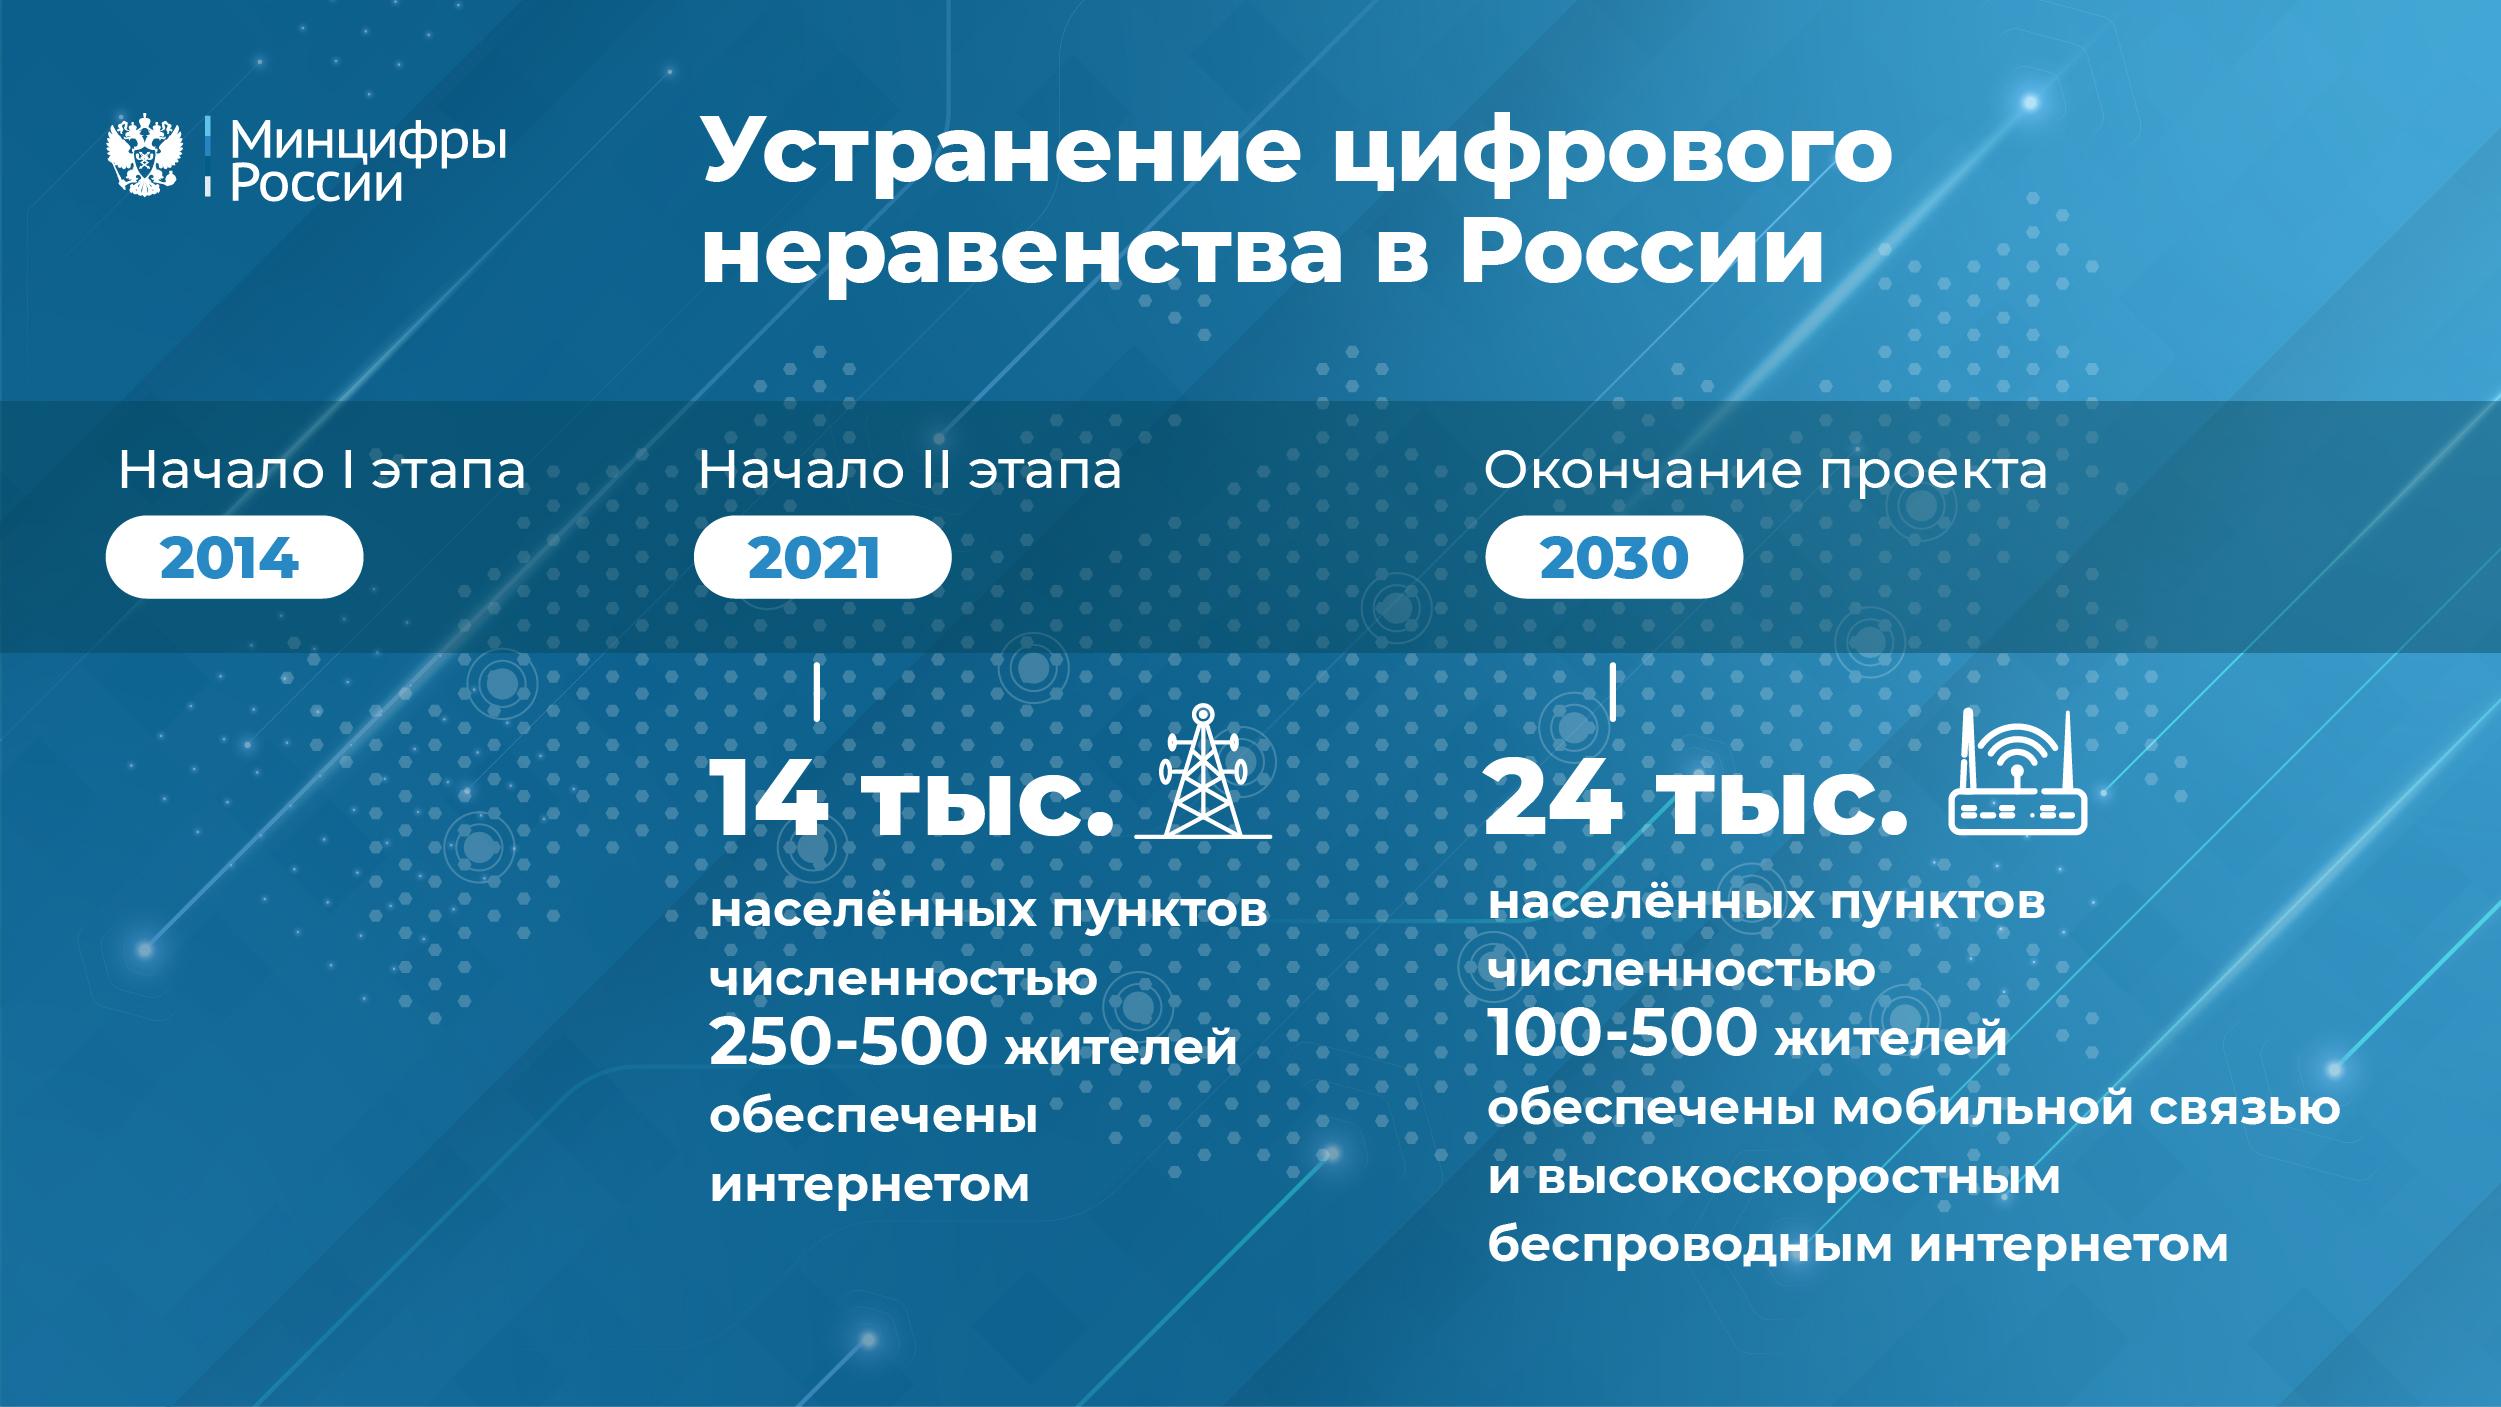 В России начался второй этап устранения цифрового неравенства